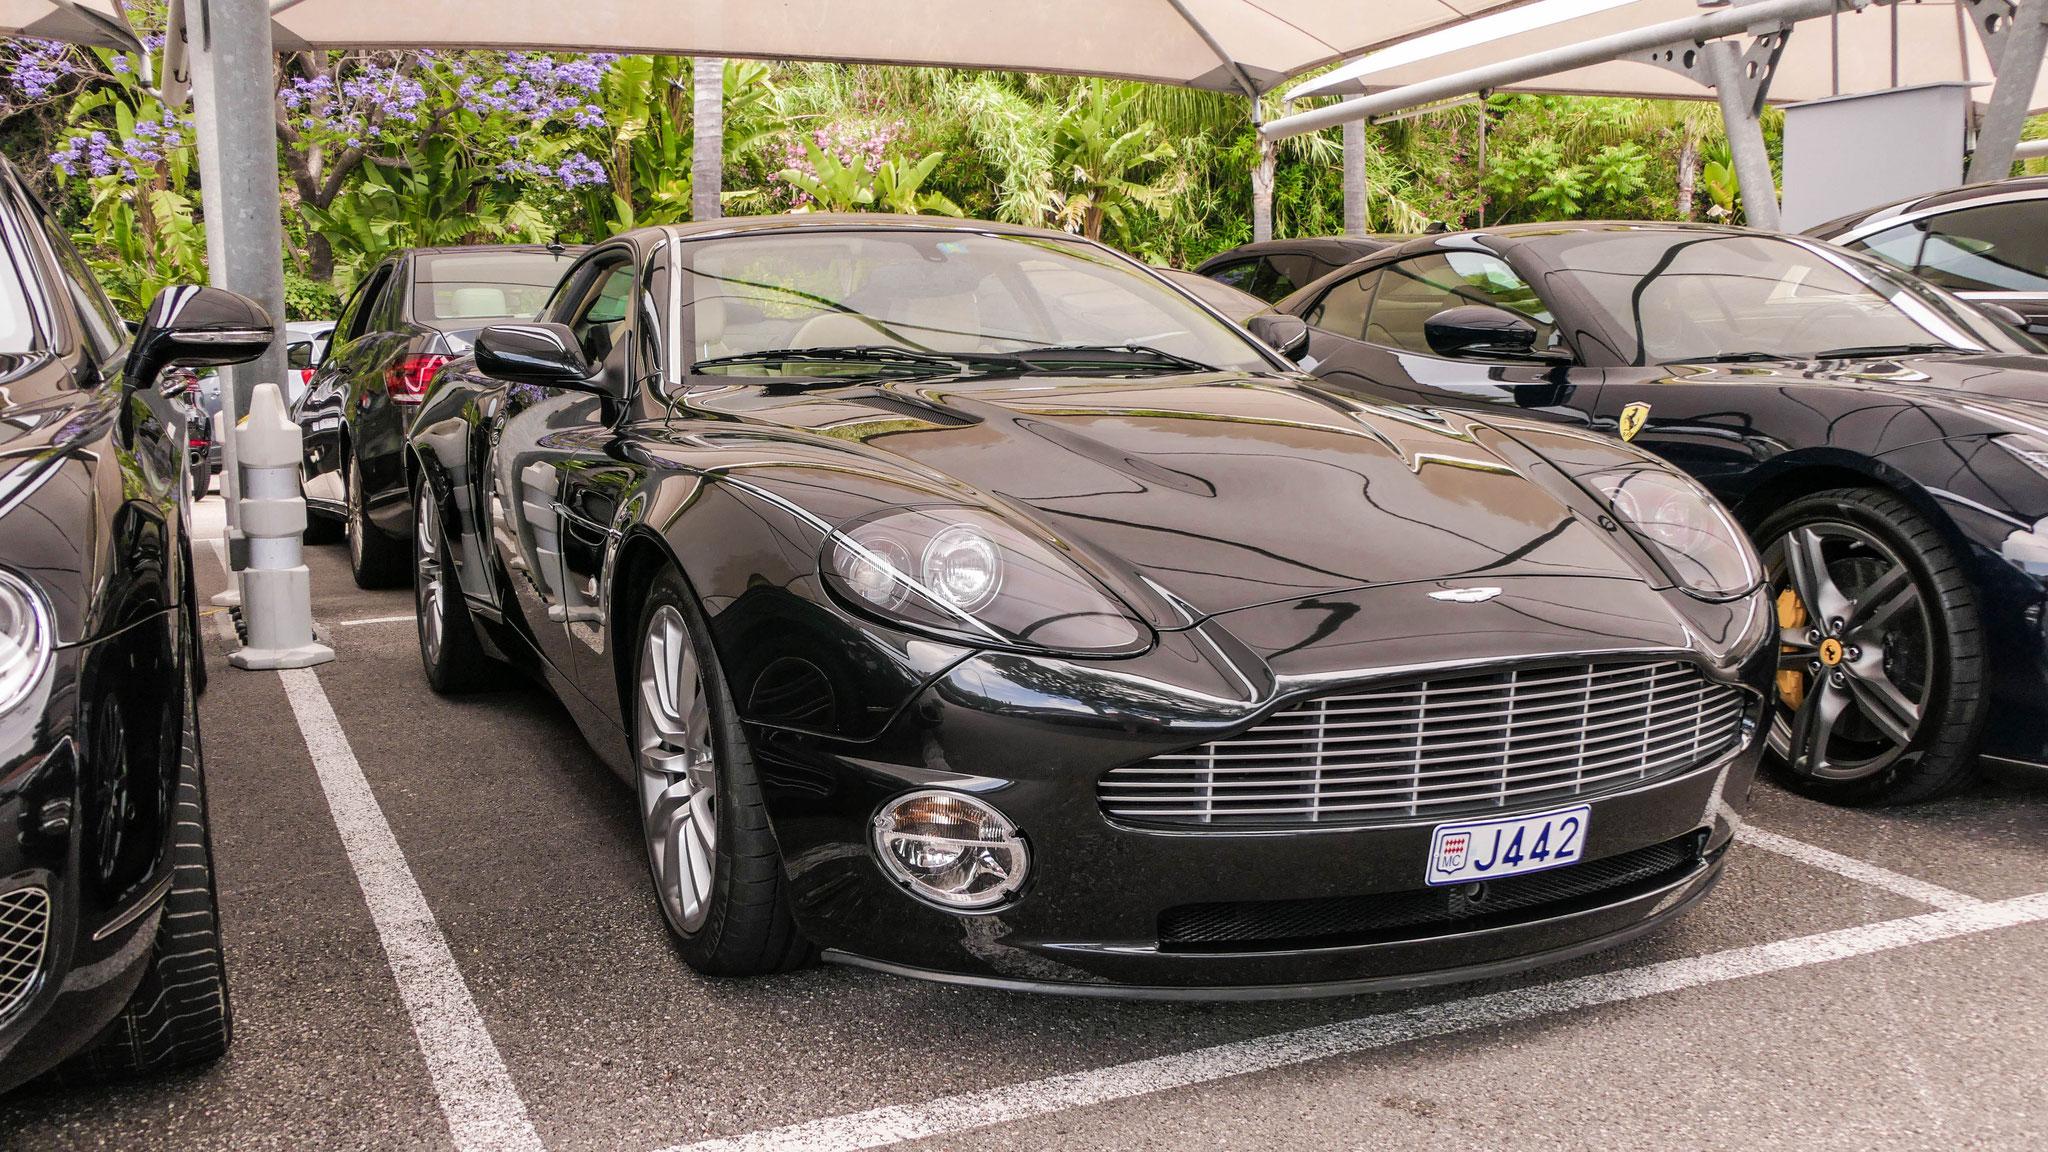 Aston Martin V12 Vanquish - J442 (MC)